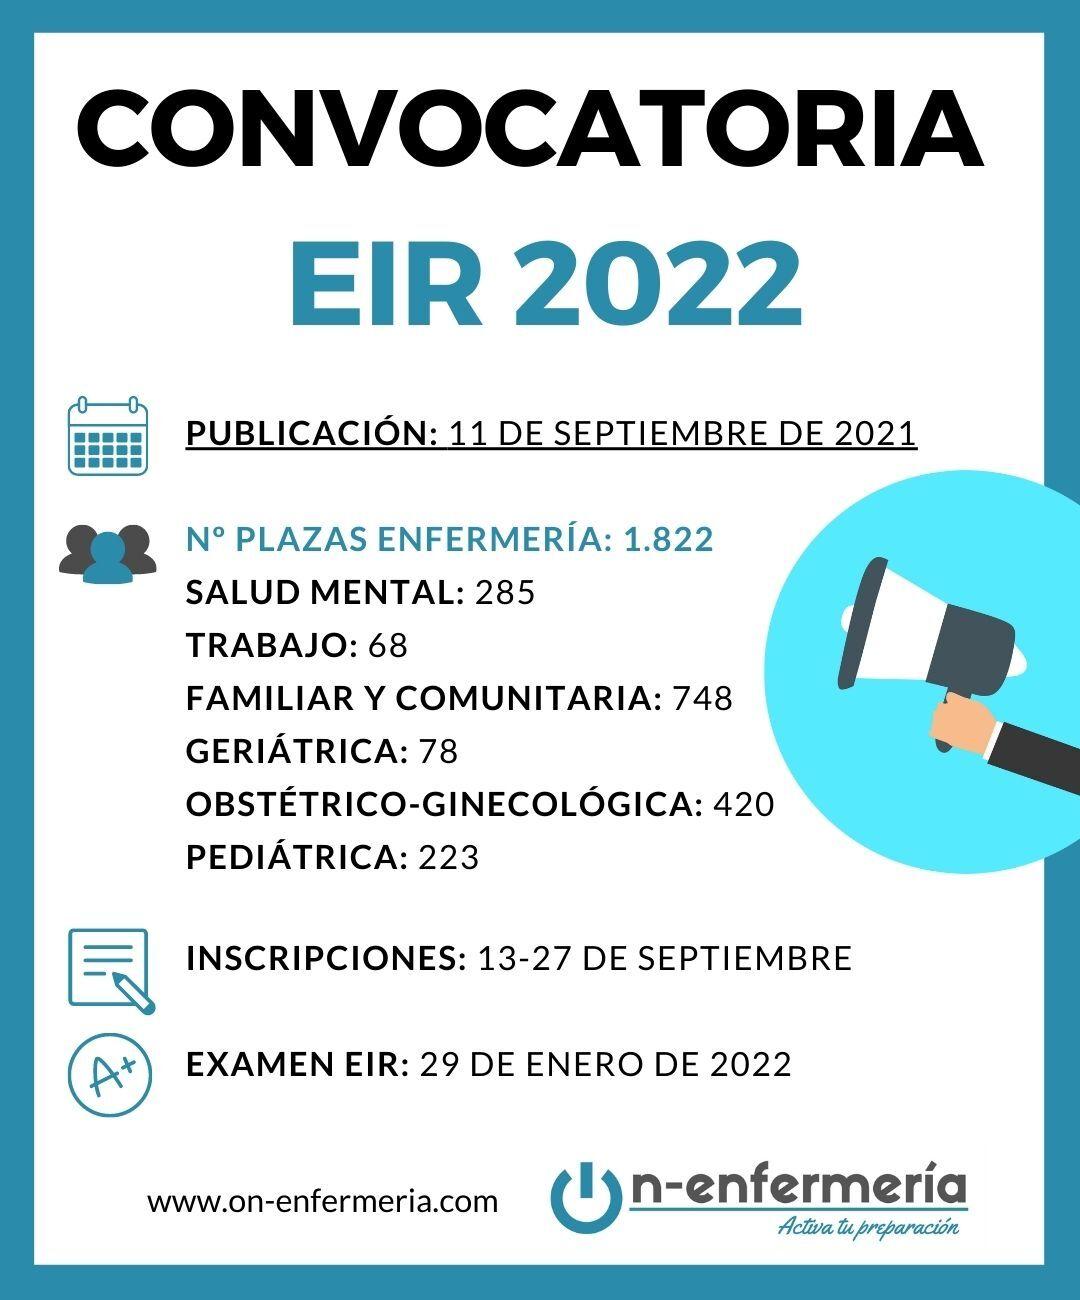 CONVOCATORIA EIR 2022